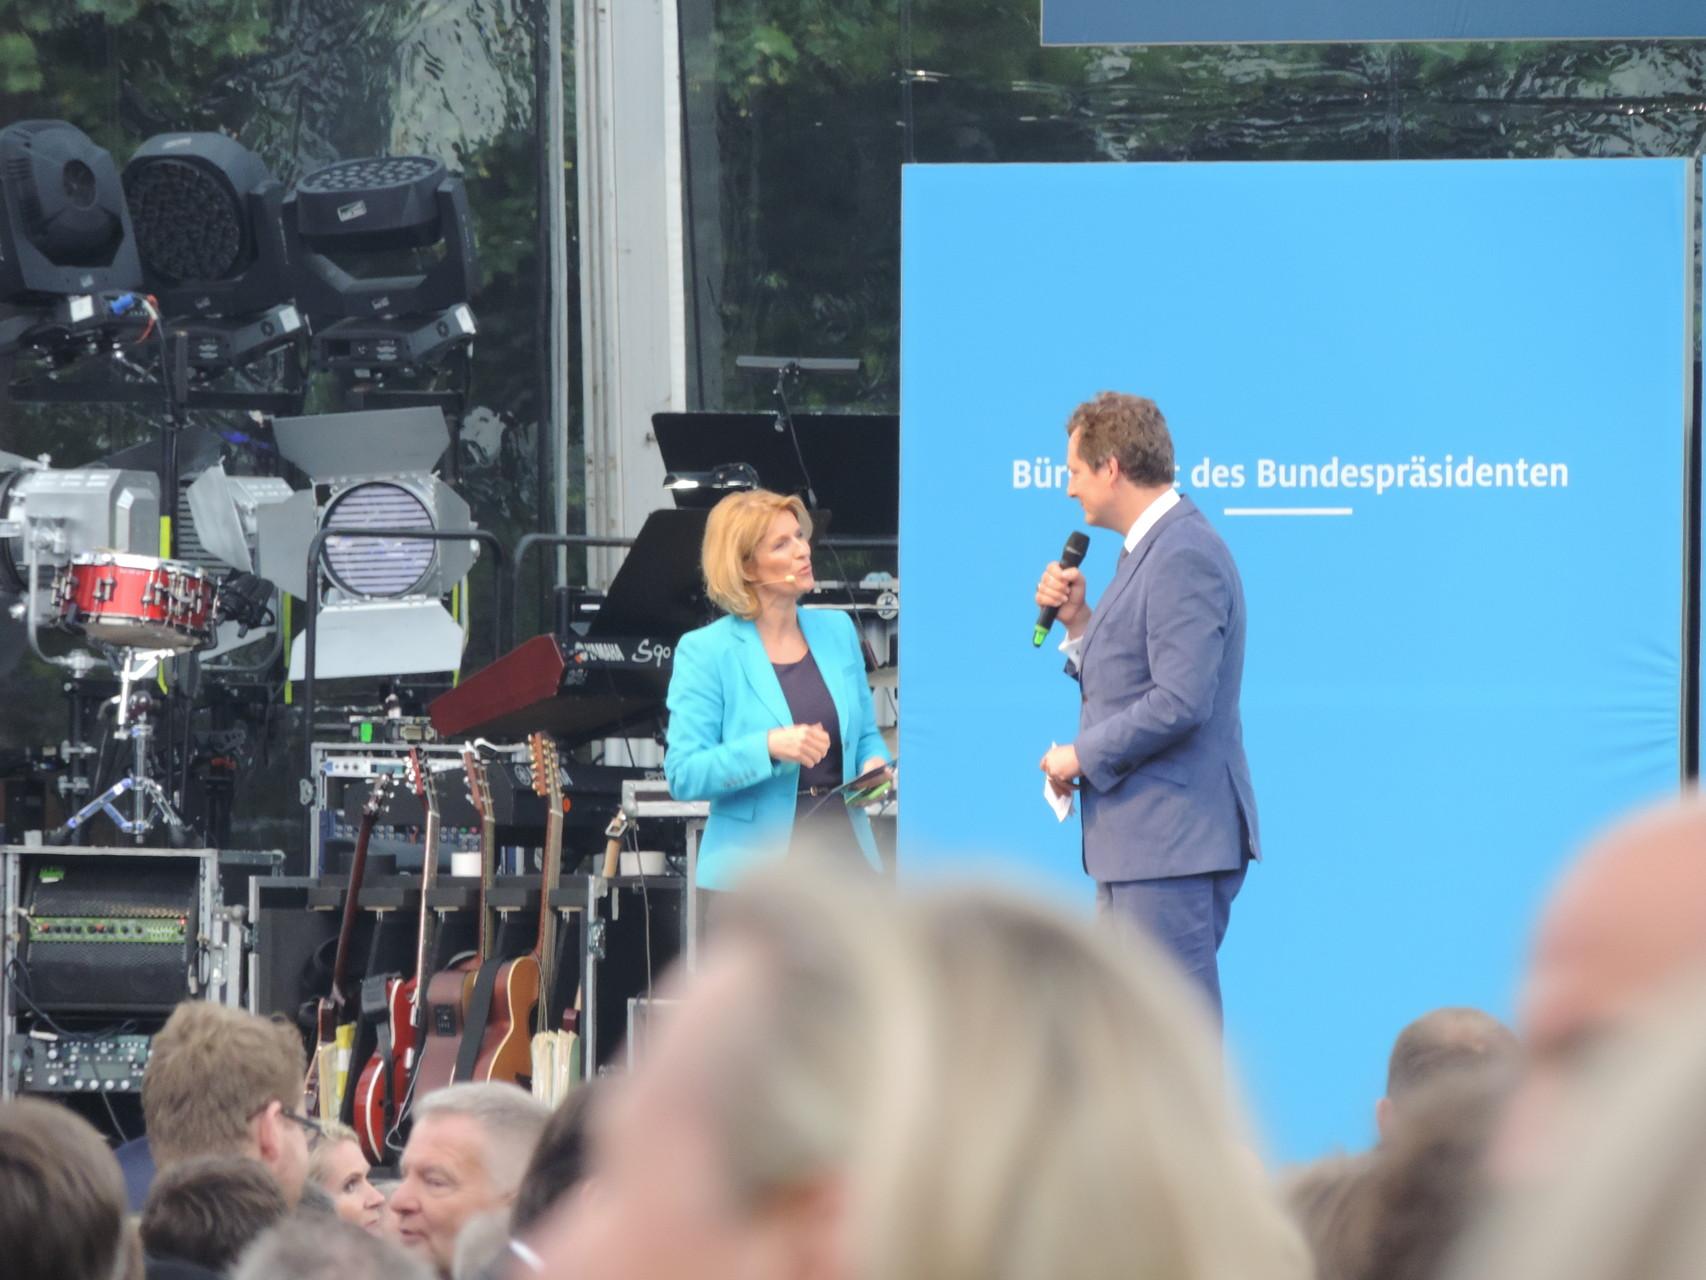 Neben dem Bundespräsidenten Joachim Gauck eröffnete auch Moderator und Comedian Dr. Eckhart von Hirschhausen die Veranstaltung mit.